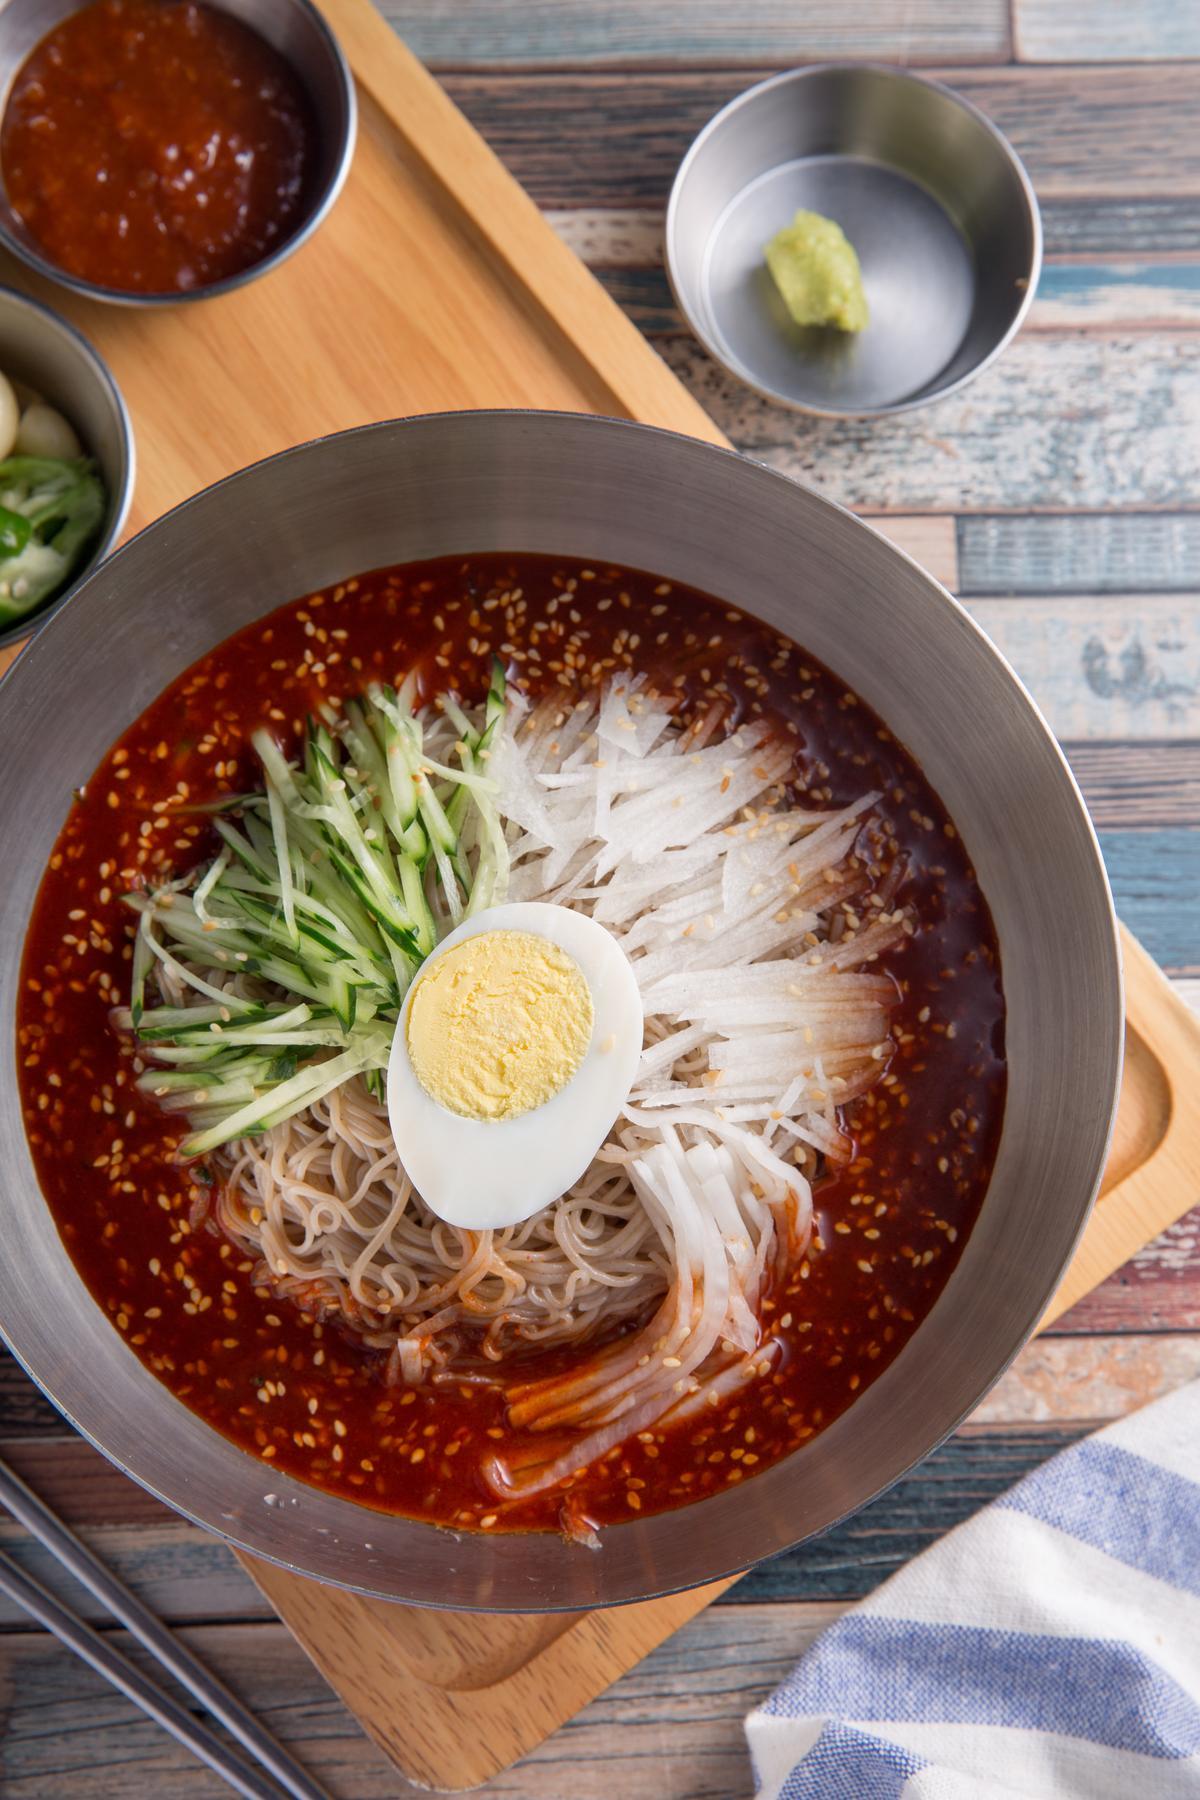 「涼拌冷麵」的醬汁是以韓國辣醬、辣椒粉、水梨泥、醋等料調製,滋味辣香過癮。(160元/碗)